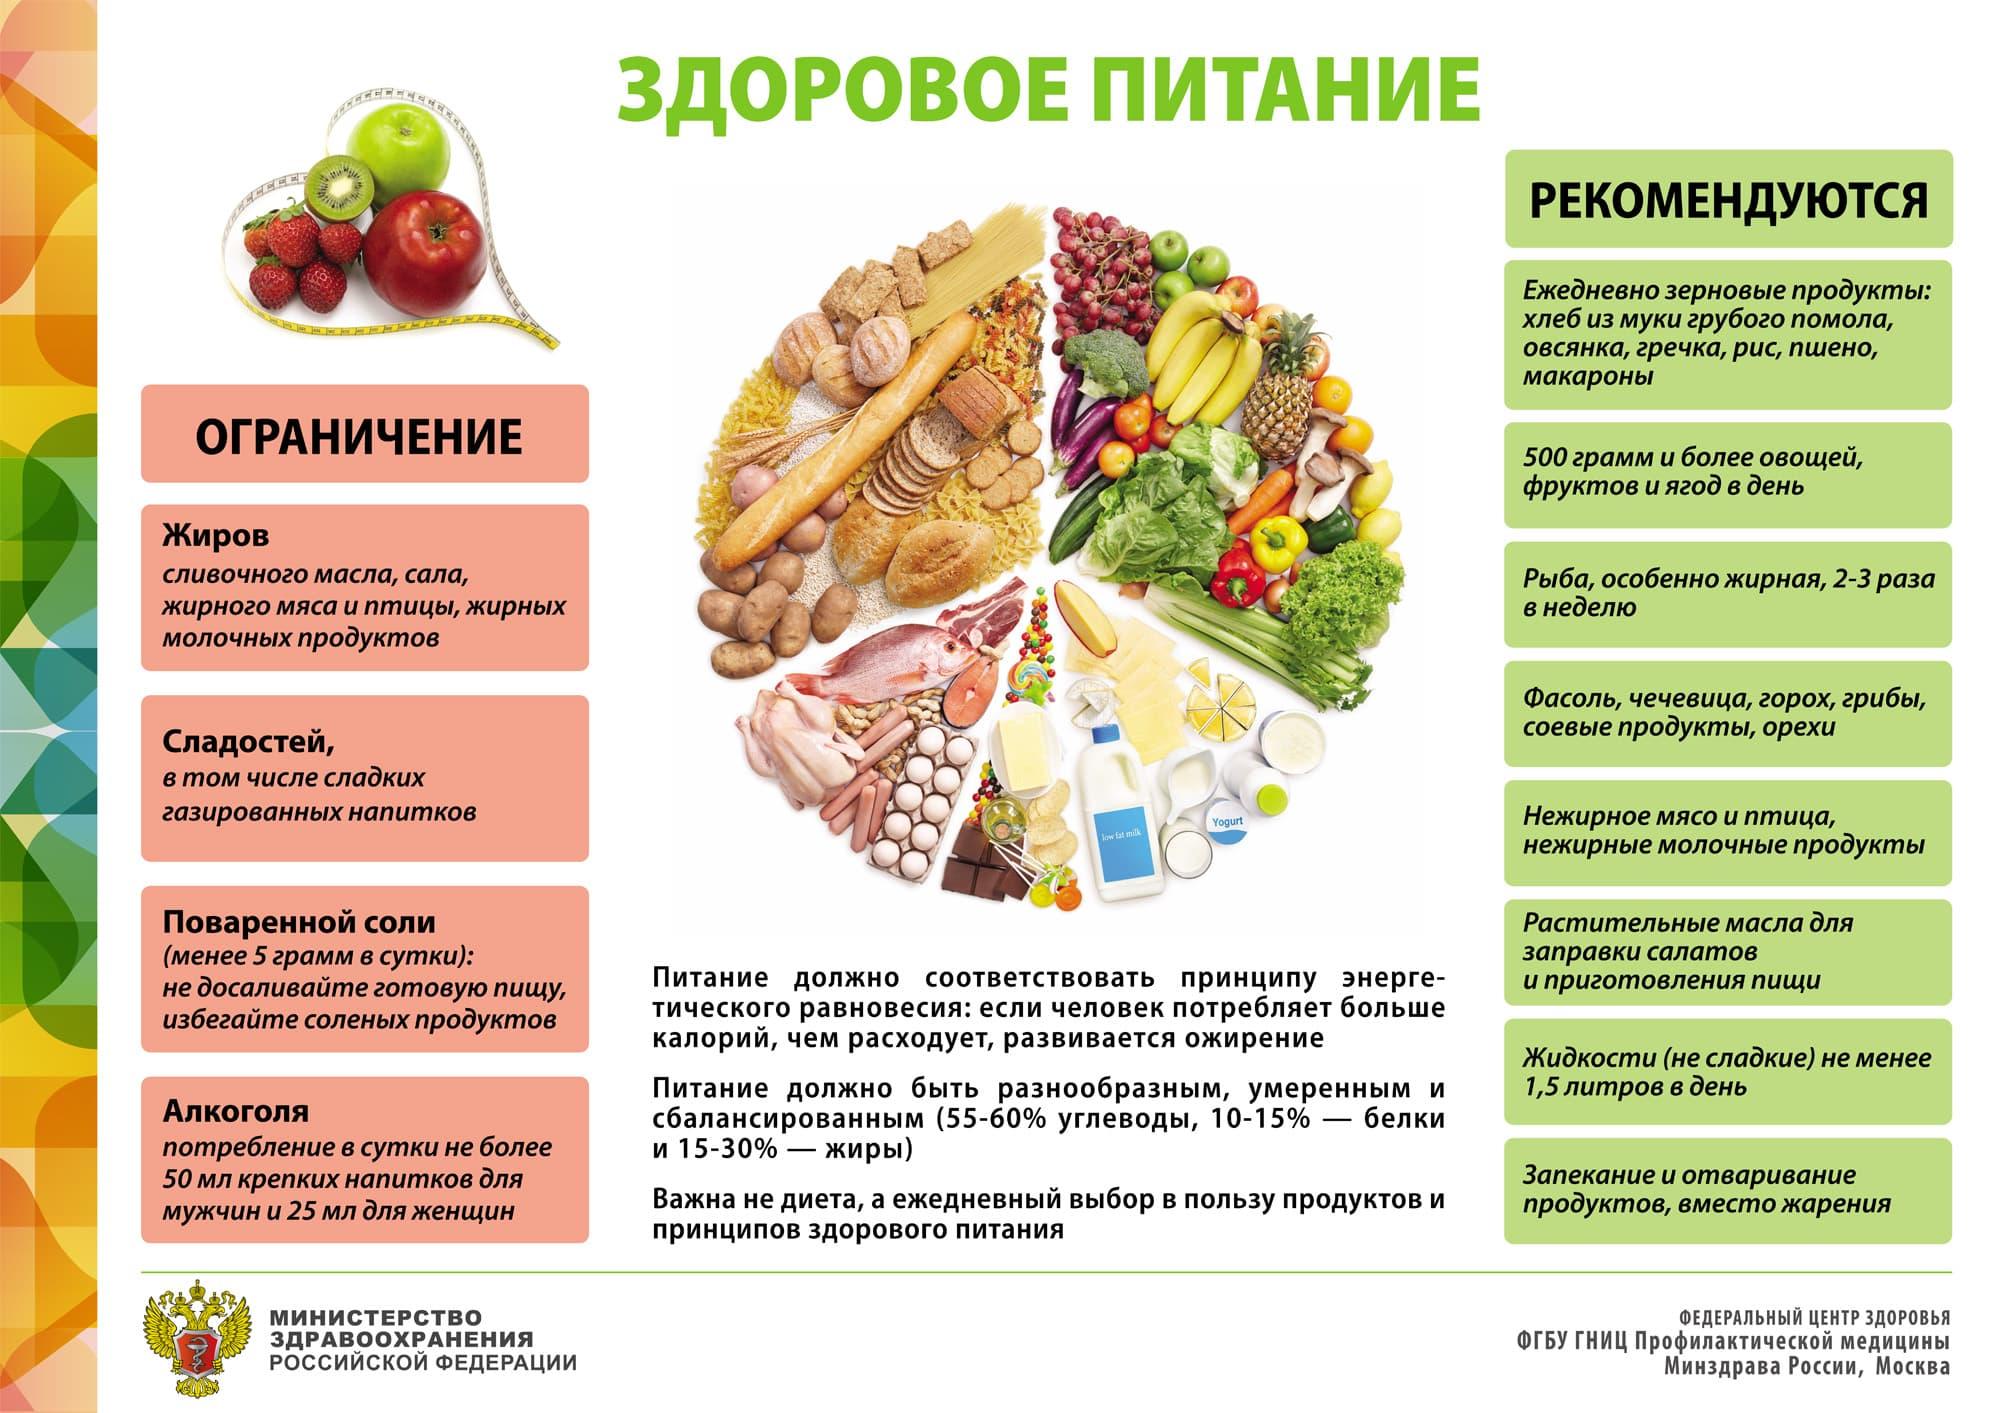 здоровое питание купить интернет магазин